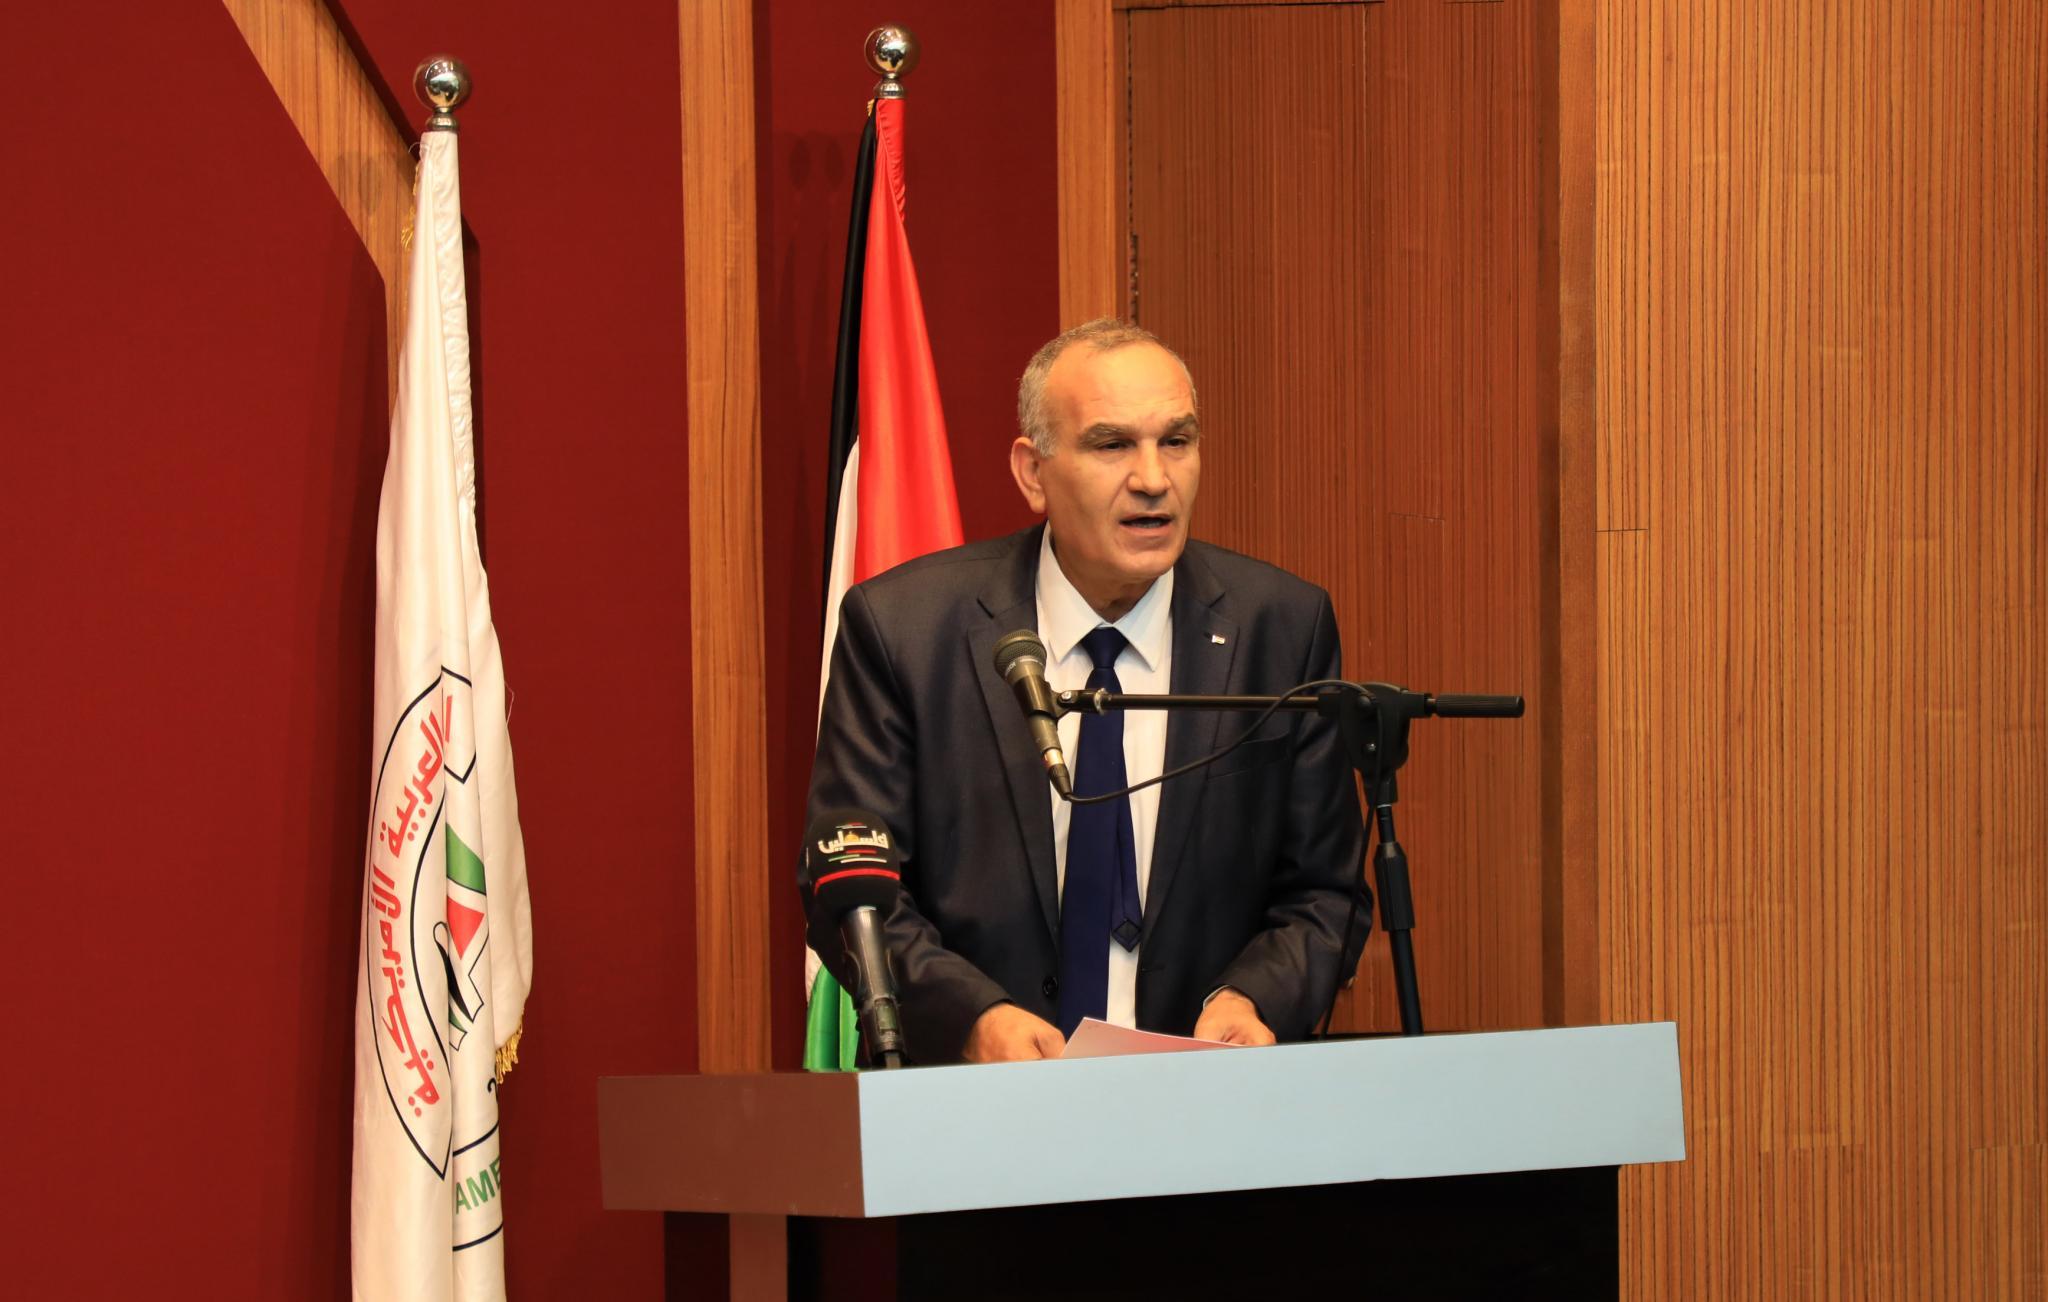 وزير الاتصالات خلال كلمته في الندوة